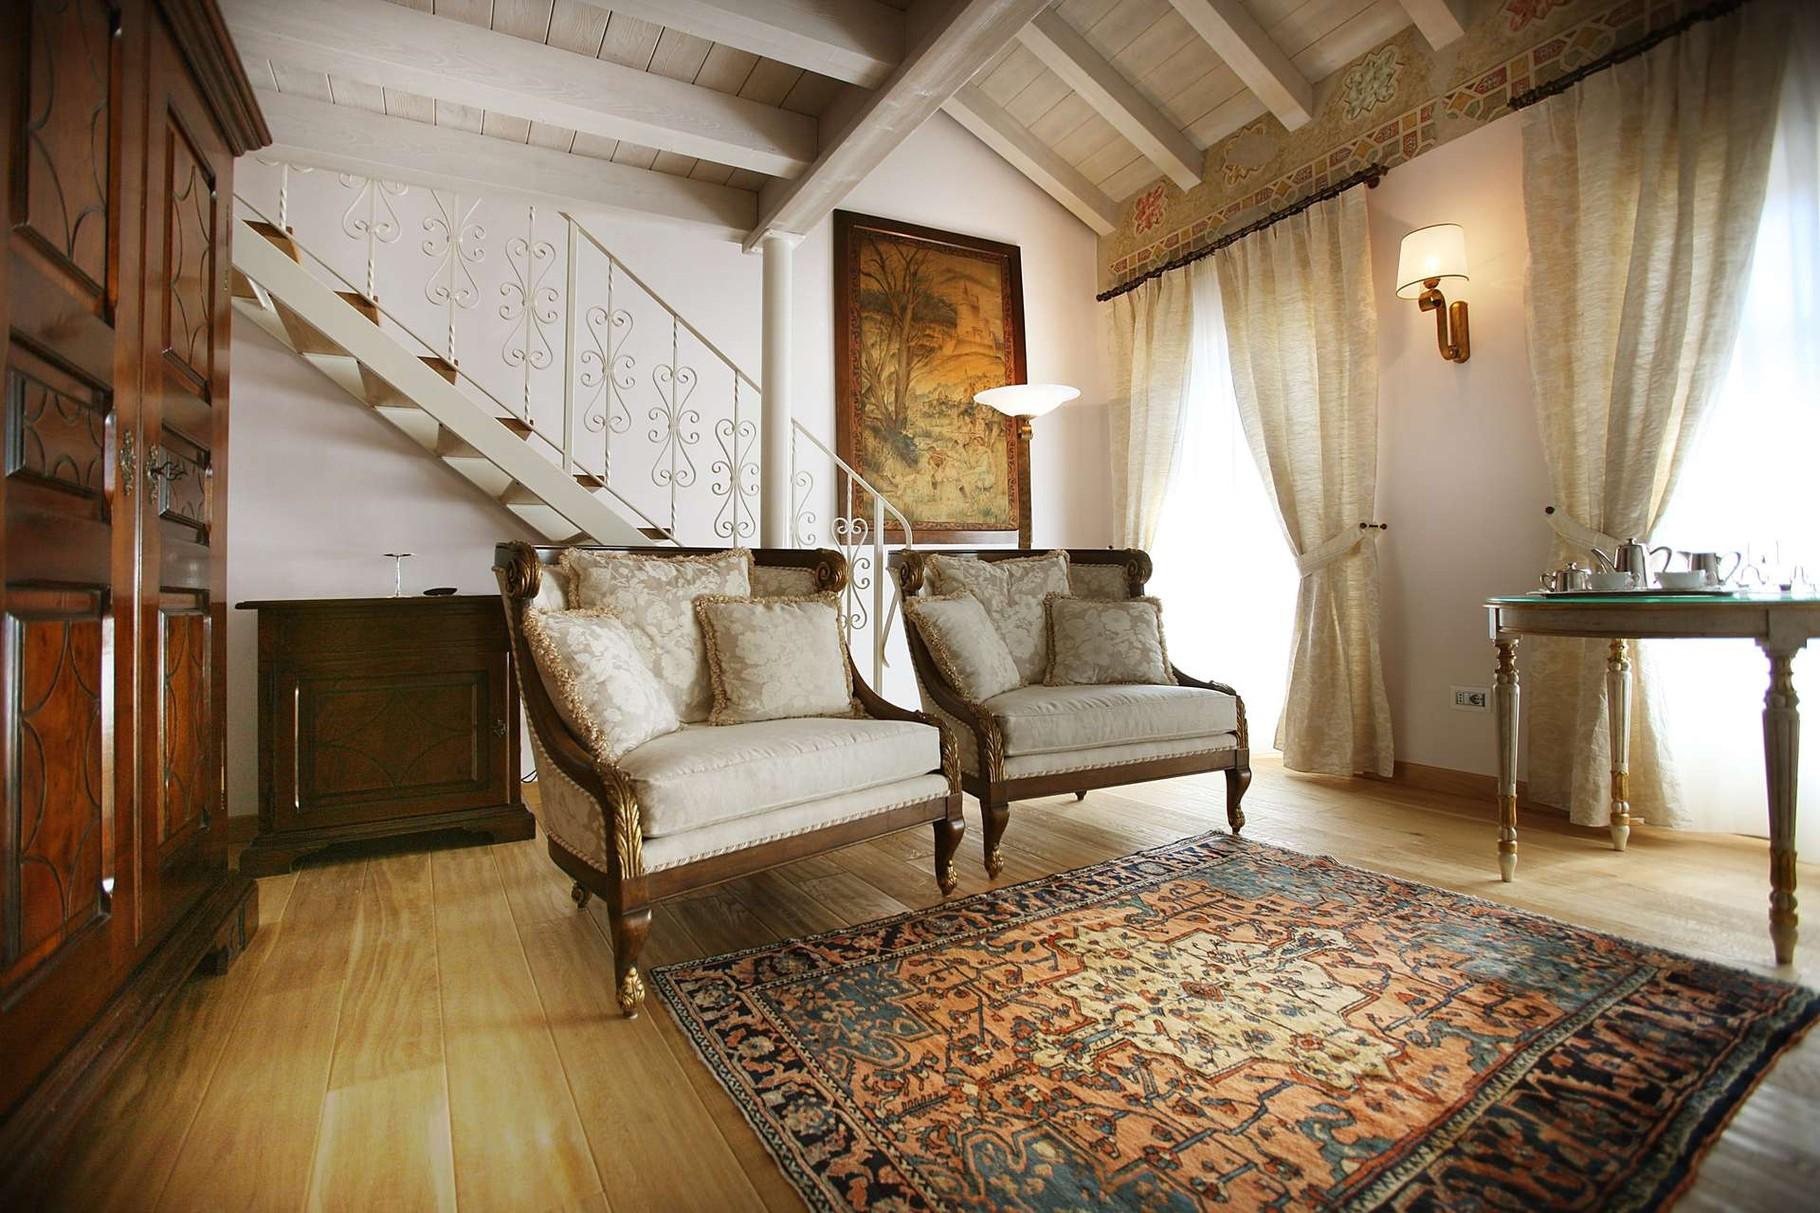 Innenbereich Relais Sogno di Giulietta mit antiken Möbeln und Holzboden